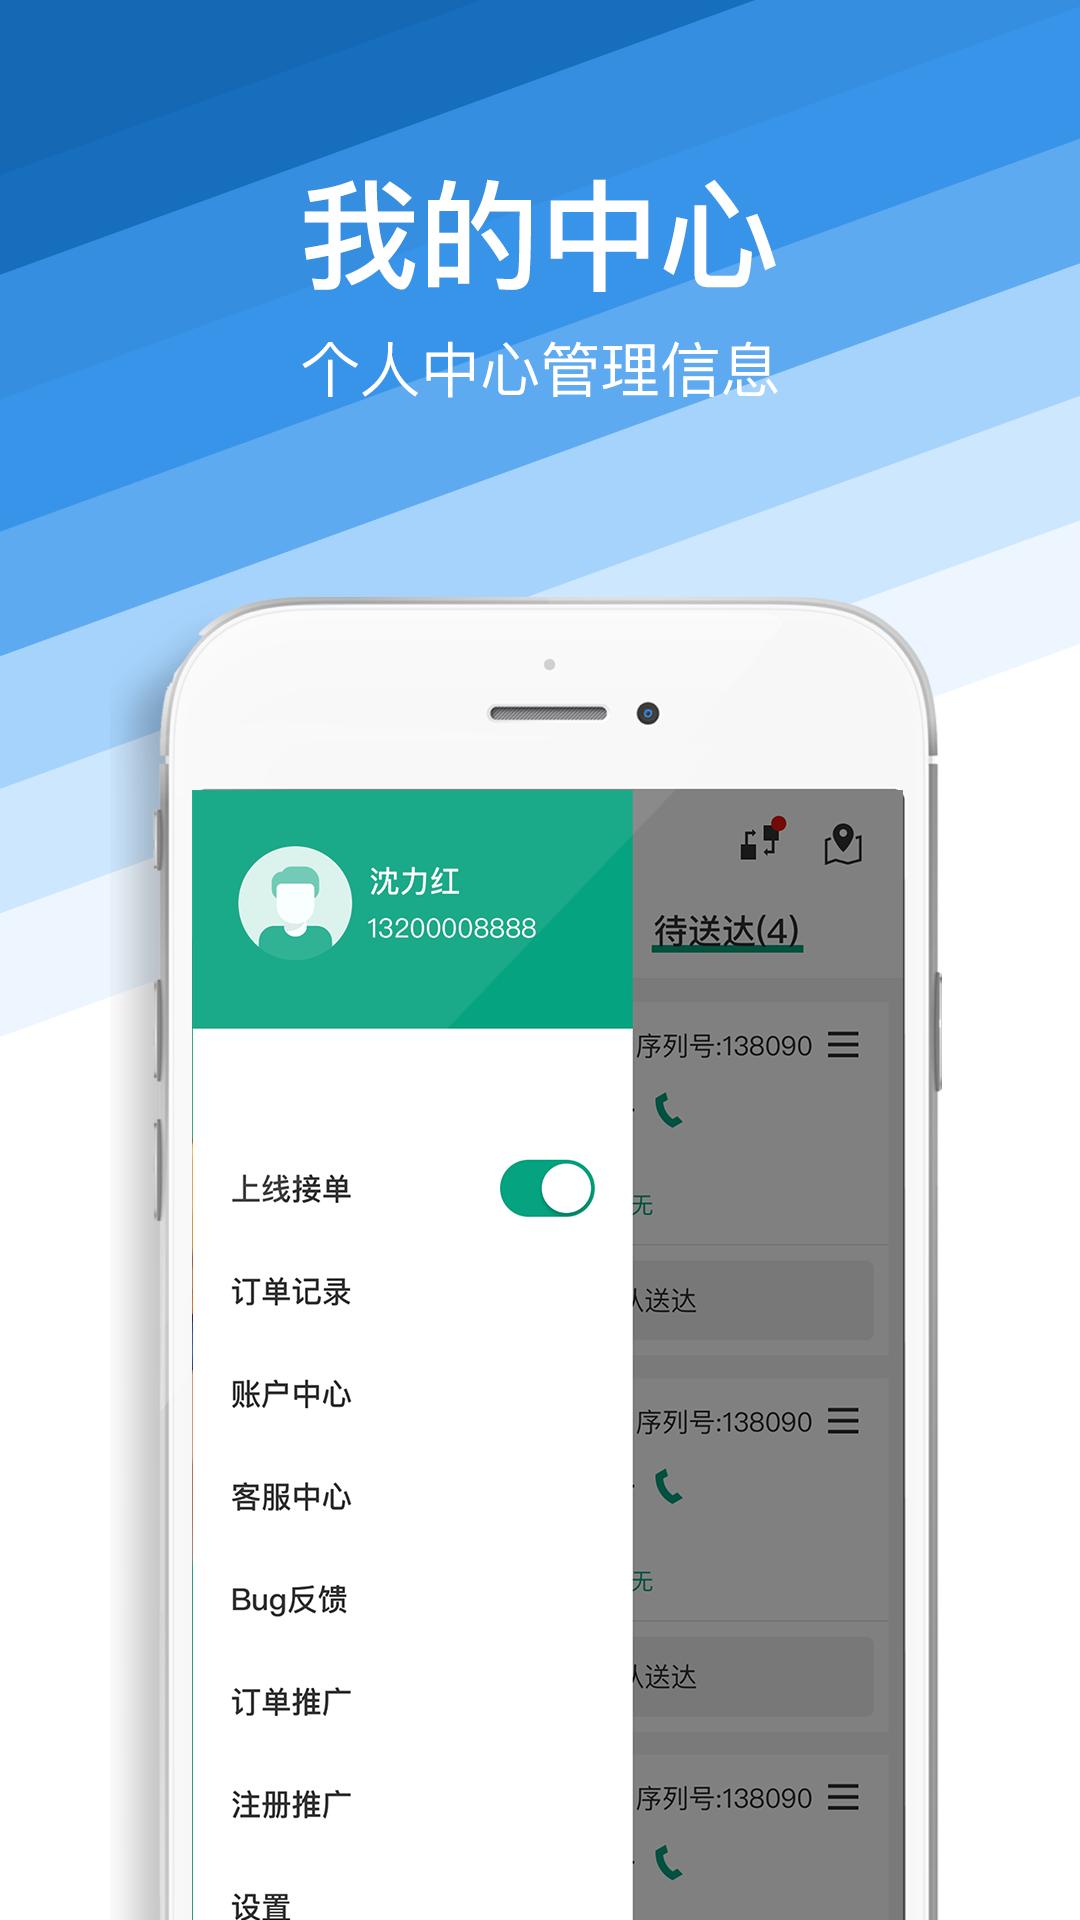 蒋村花园骑手端 V1.1.0 安卓版截图1